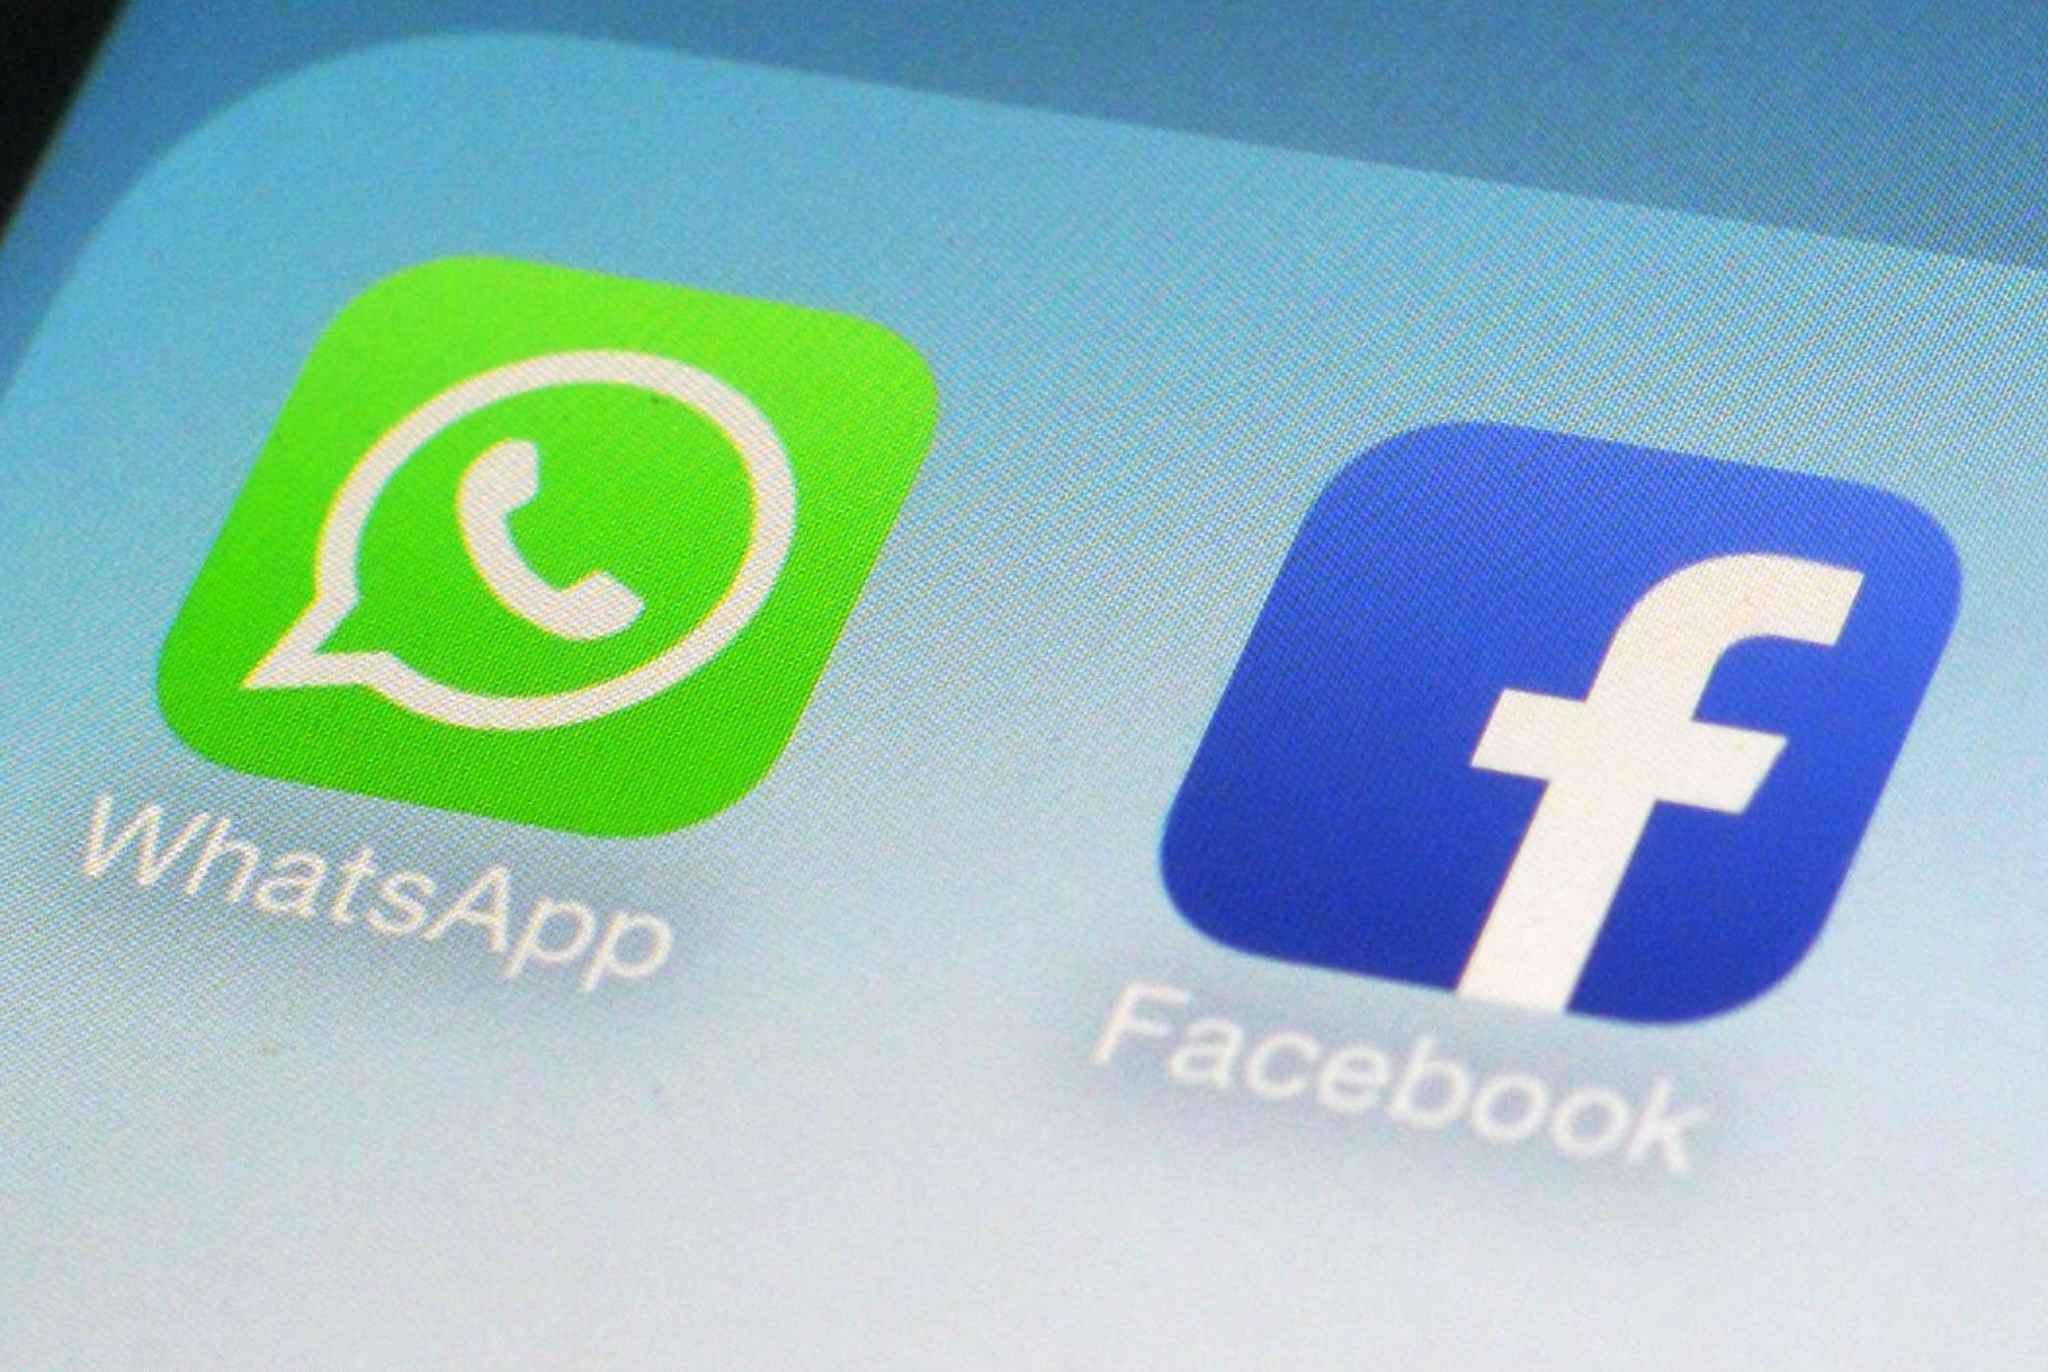 Union Européenne: Les réseaux sociaux bientôt interdits au ...